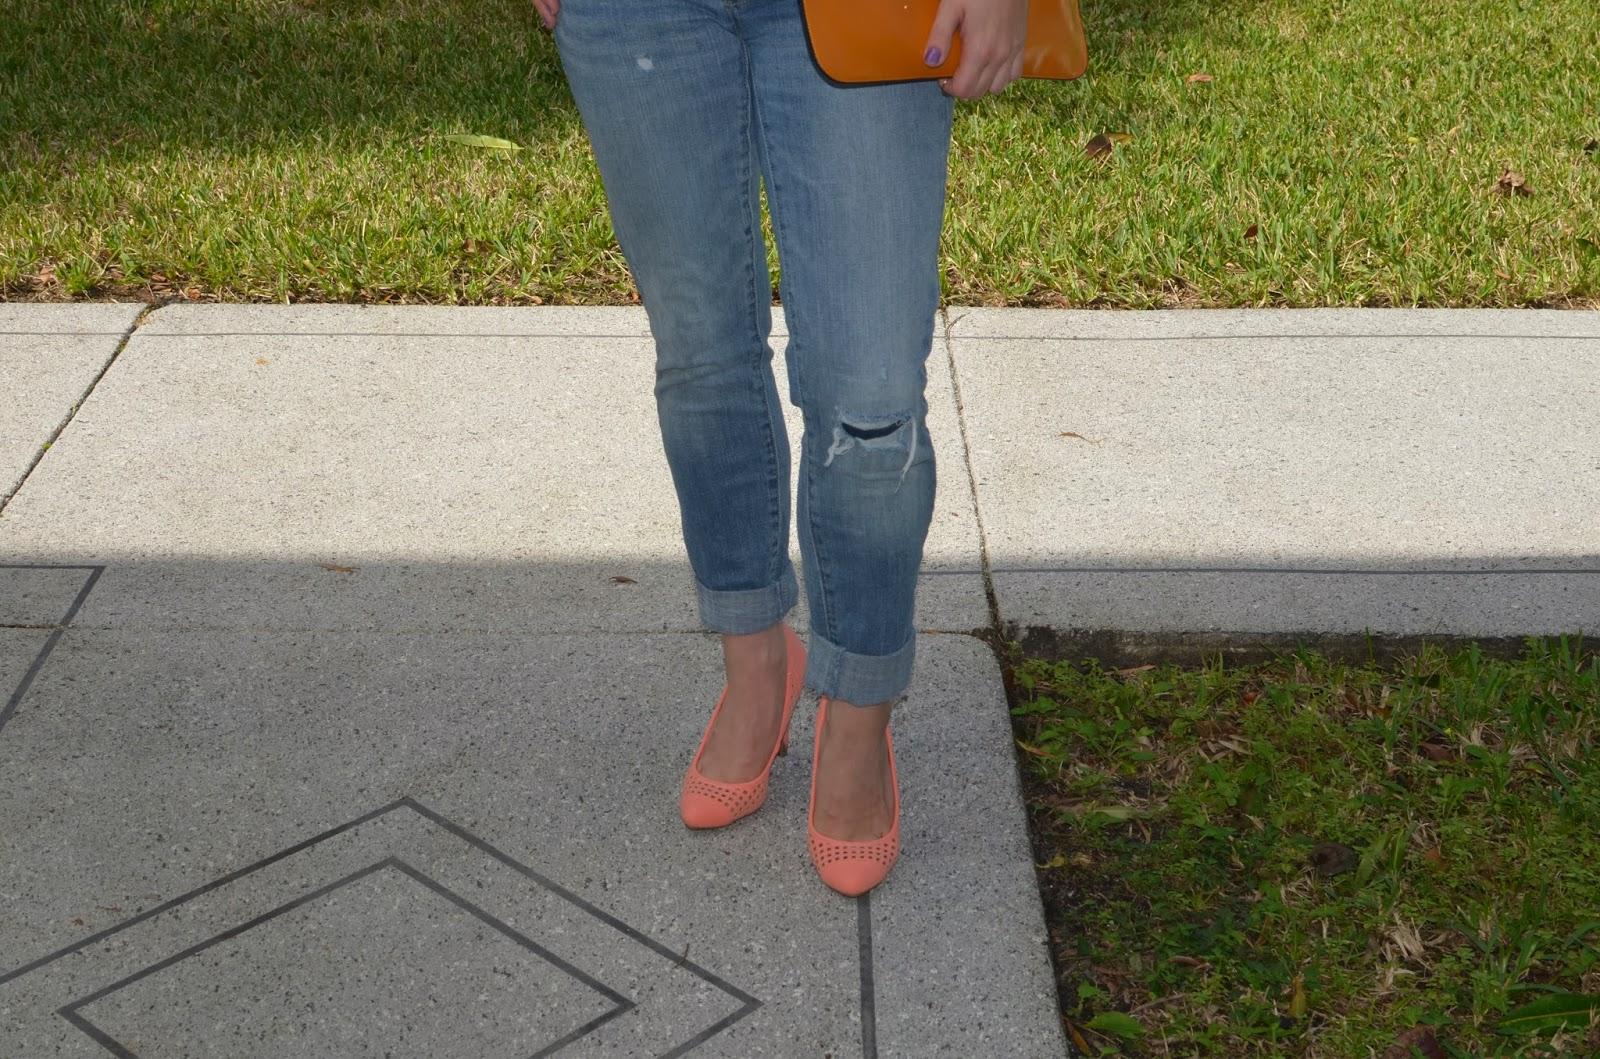 orange heels - boyfriend jeans